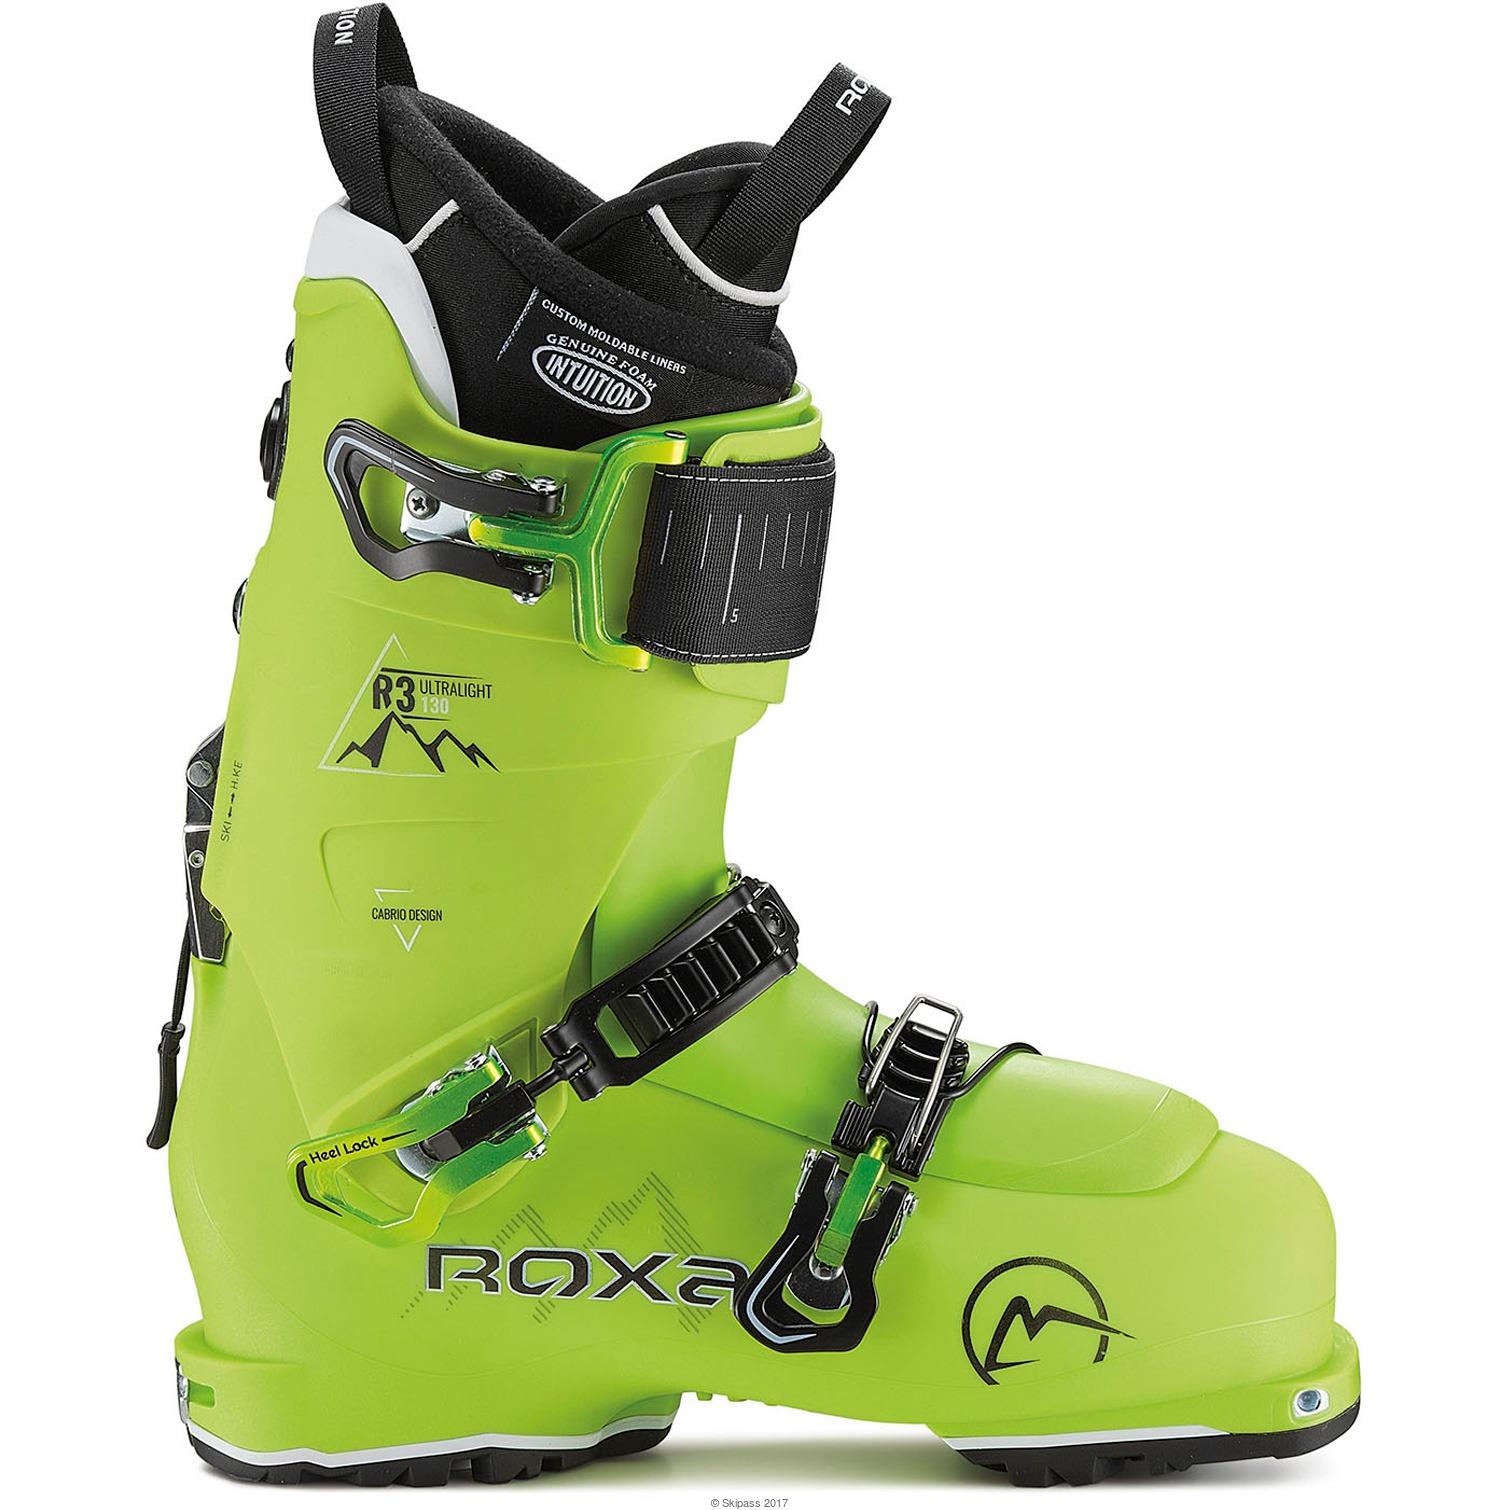 Chaussures De Ski Roxa R3 130 T.i. U75 Gw Limon